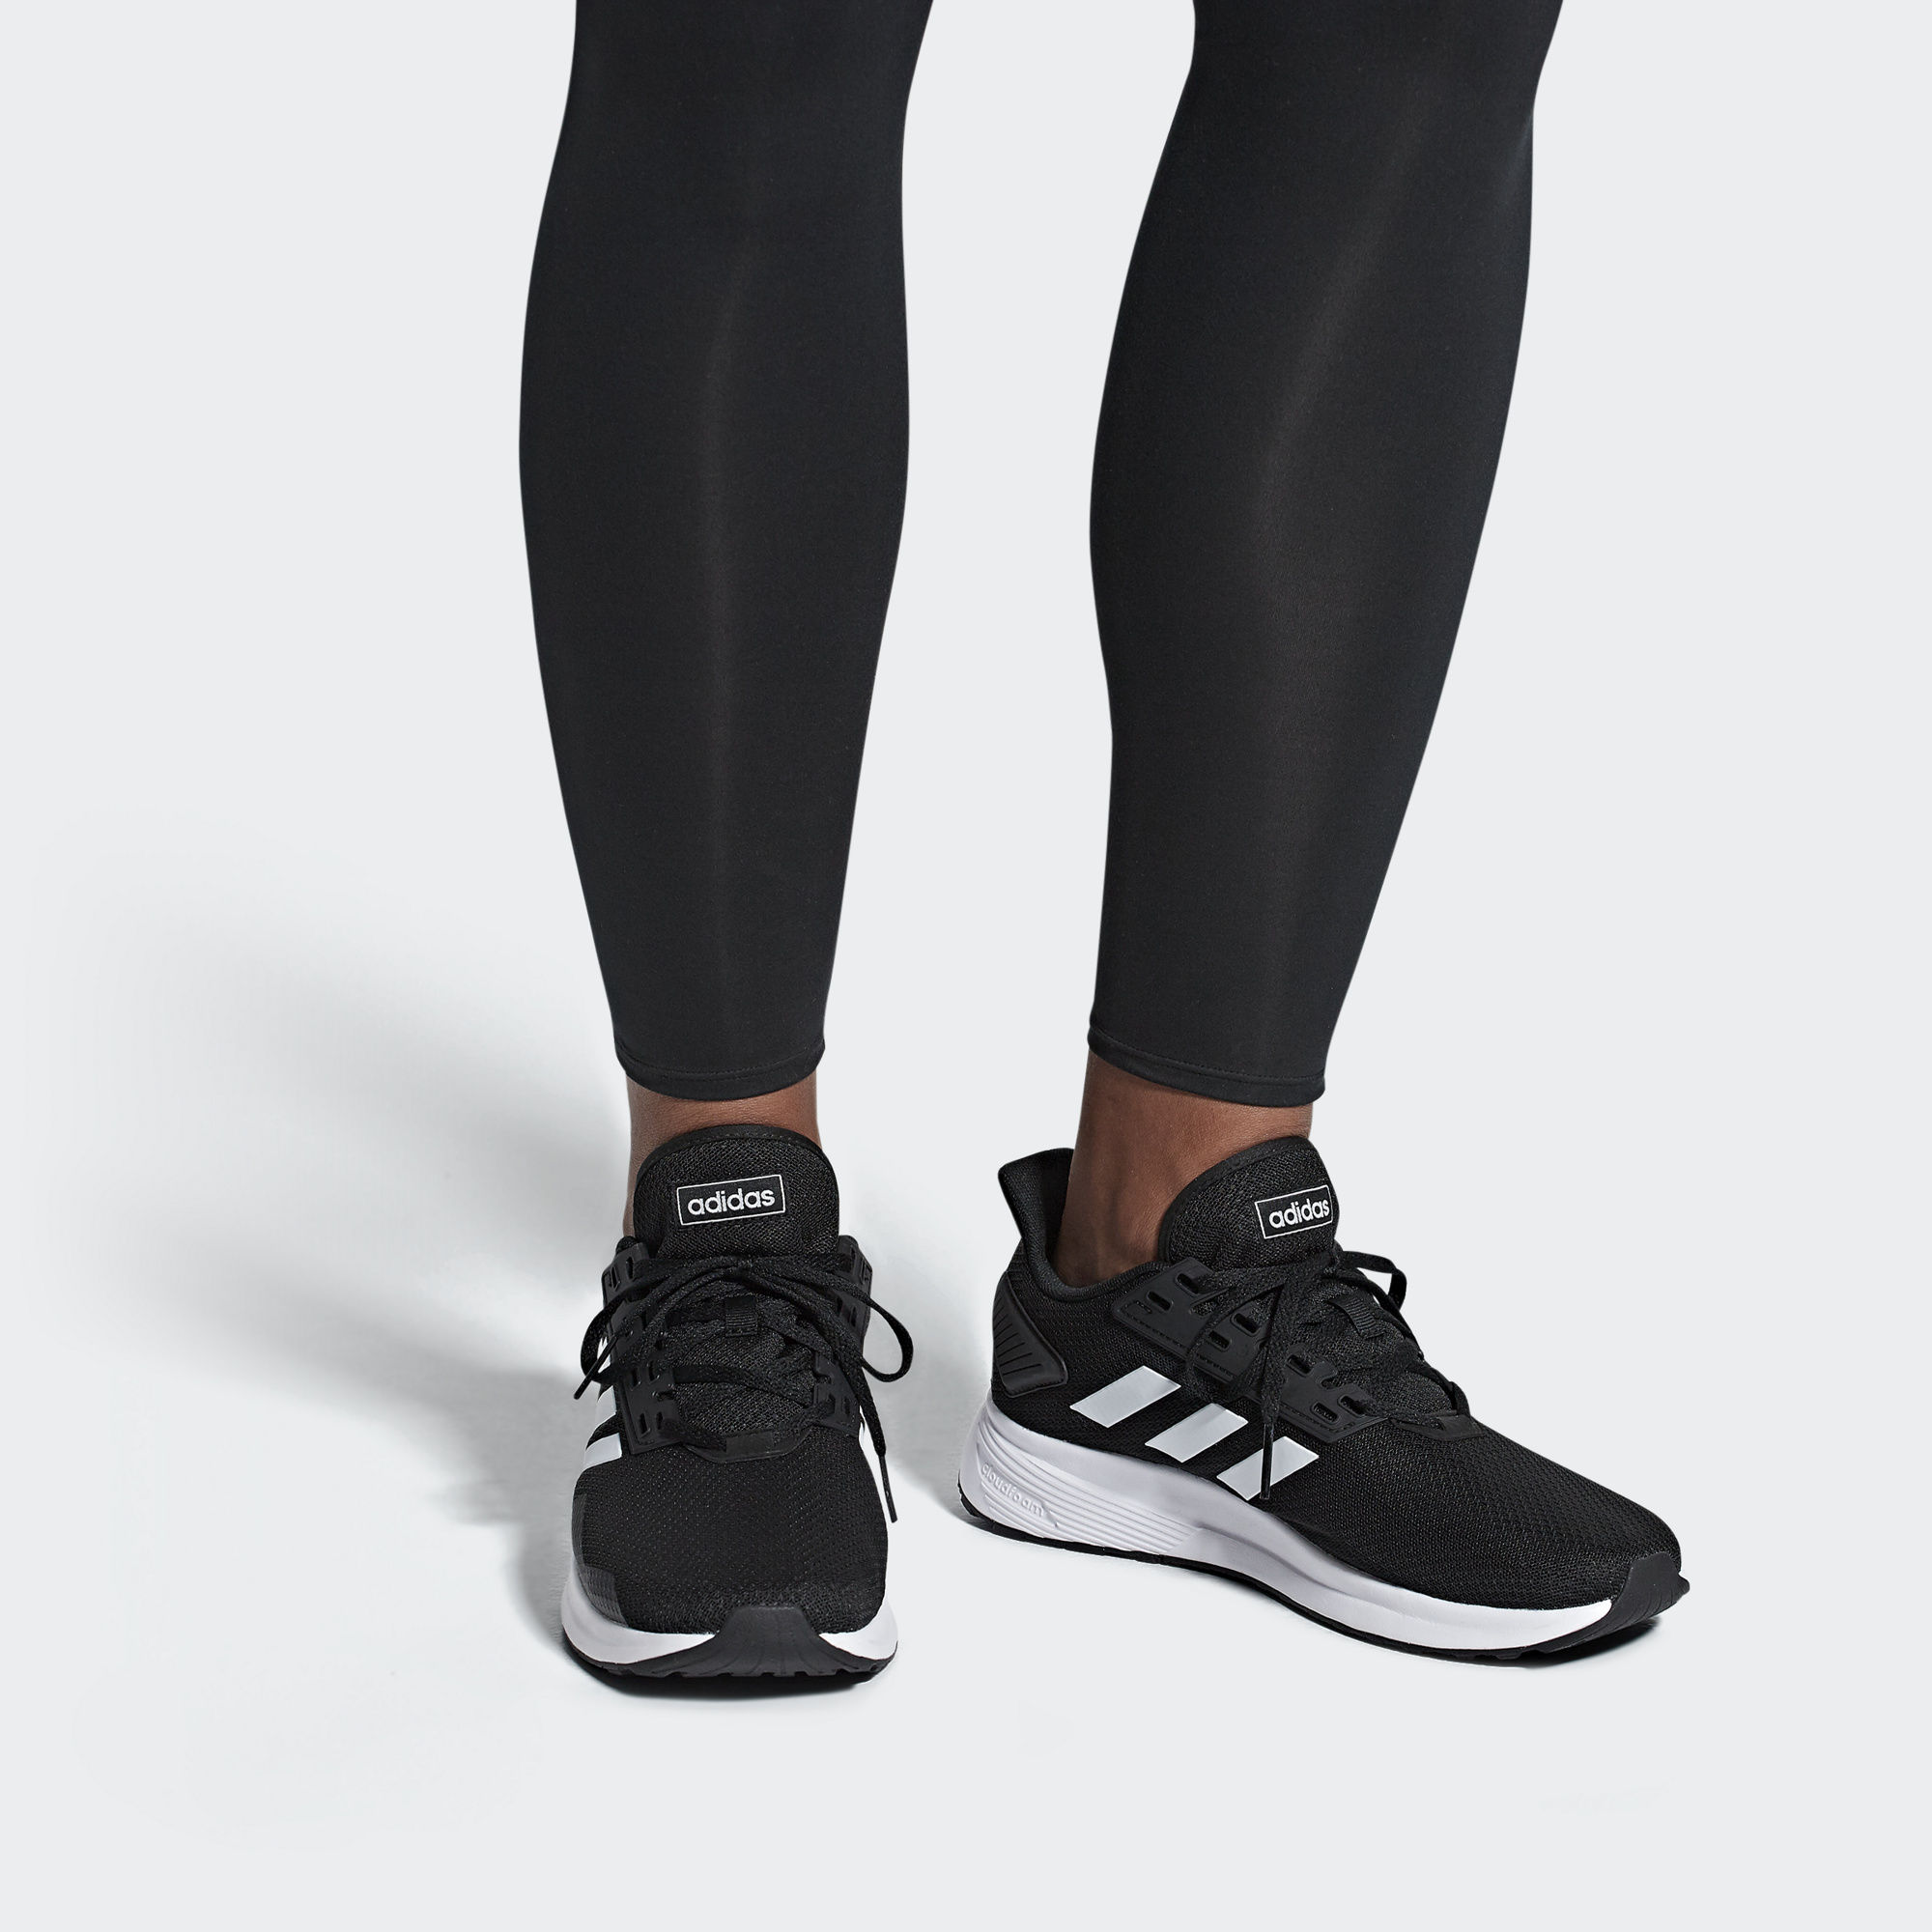 Melhores tênis para caminhada: Adidas Duramo 9